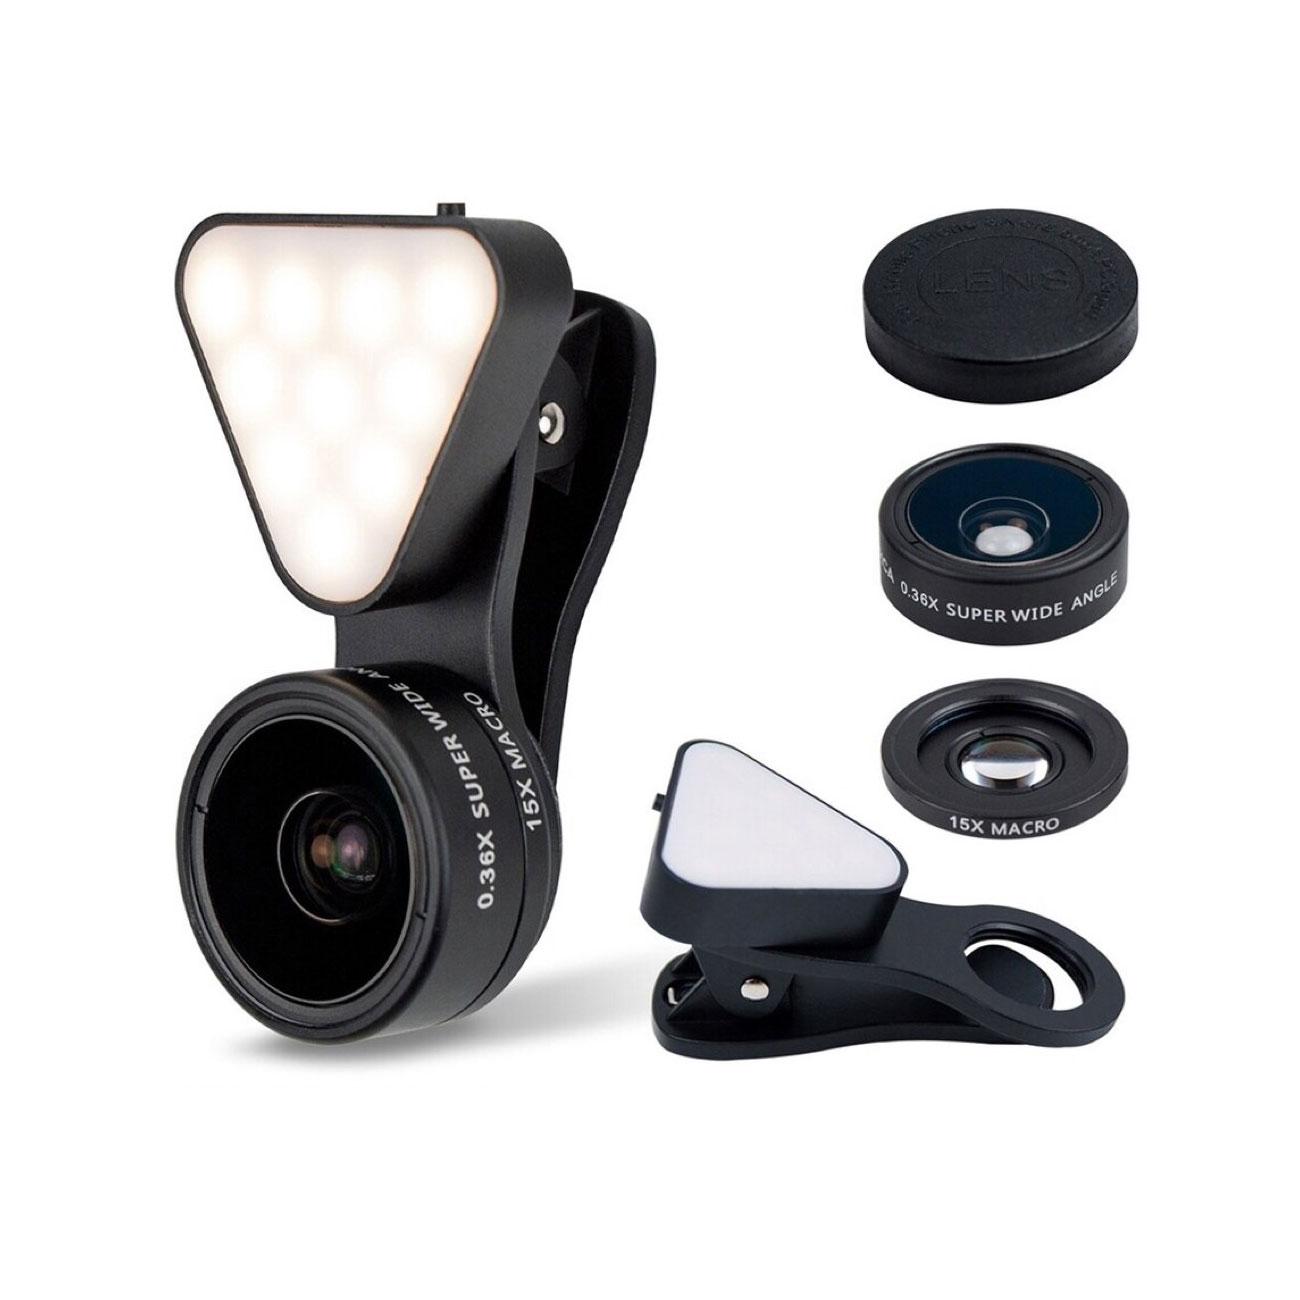 スマホ用カメラレンズ 1台3役 超広角レンズ マクロレンズ LEDライト